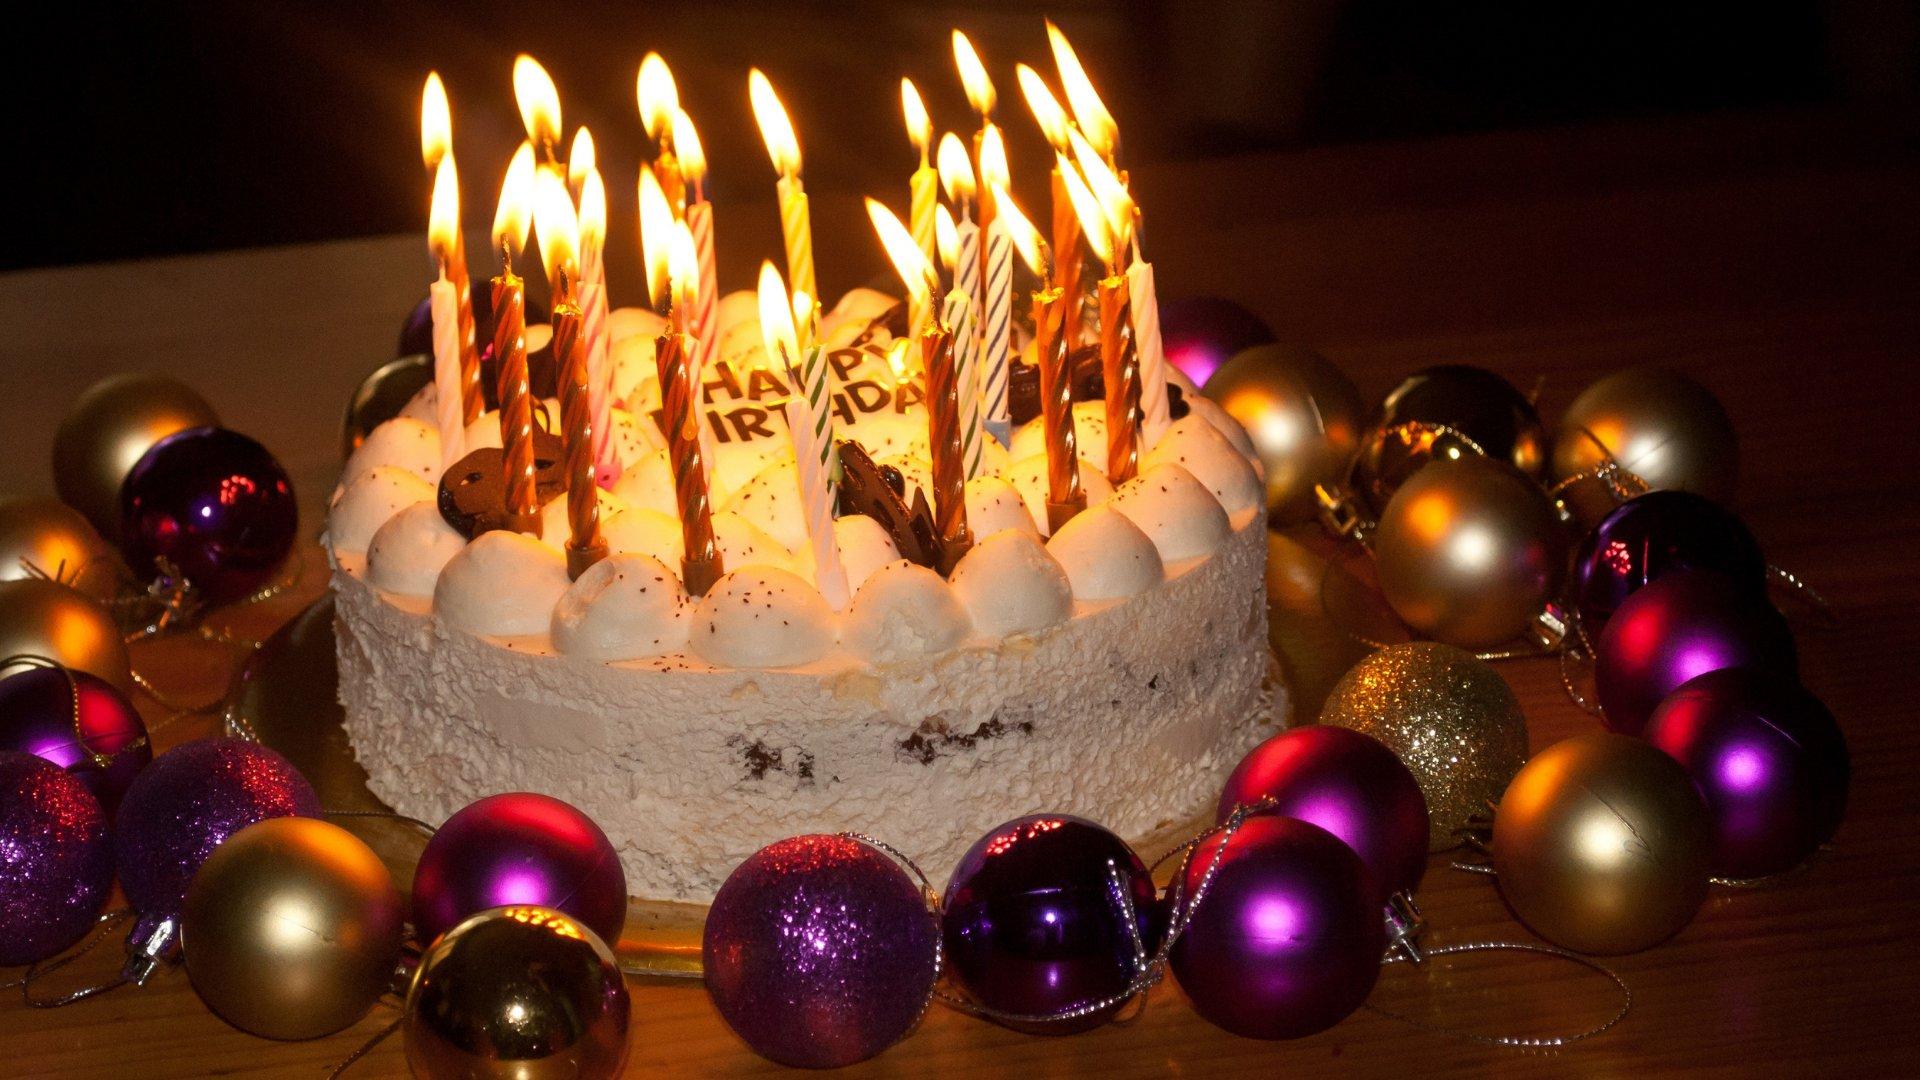 Bolo de aniversário com velas